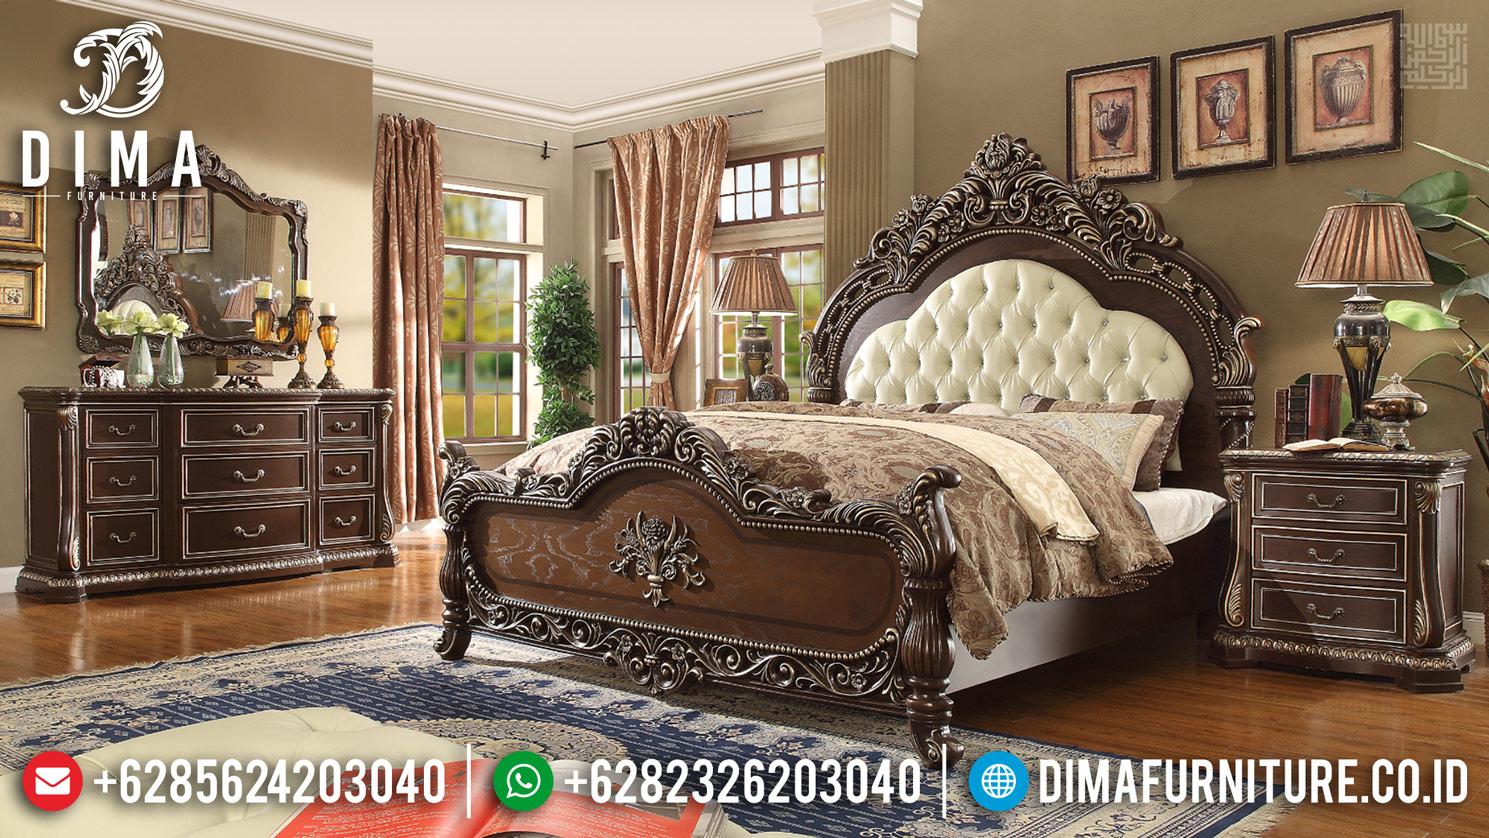 Beli Tempat Tidur Mewah Natural Jati Ukiran Klasik Jepara MMJ-0450